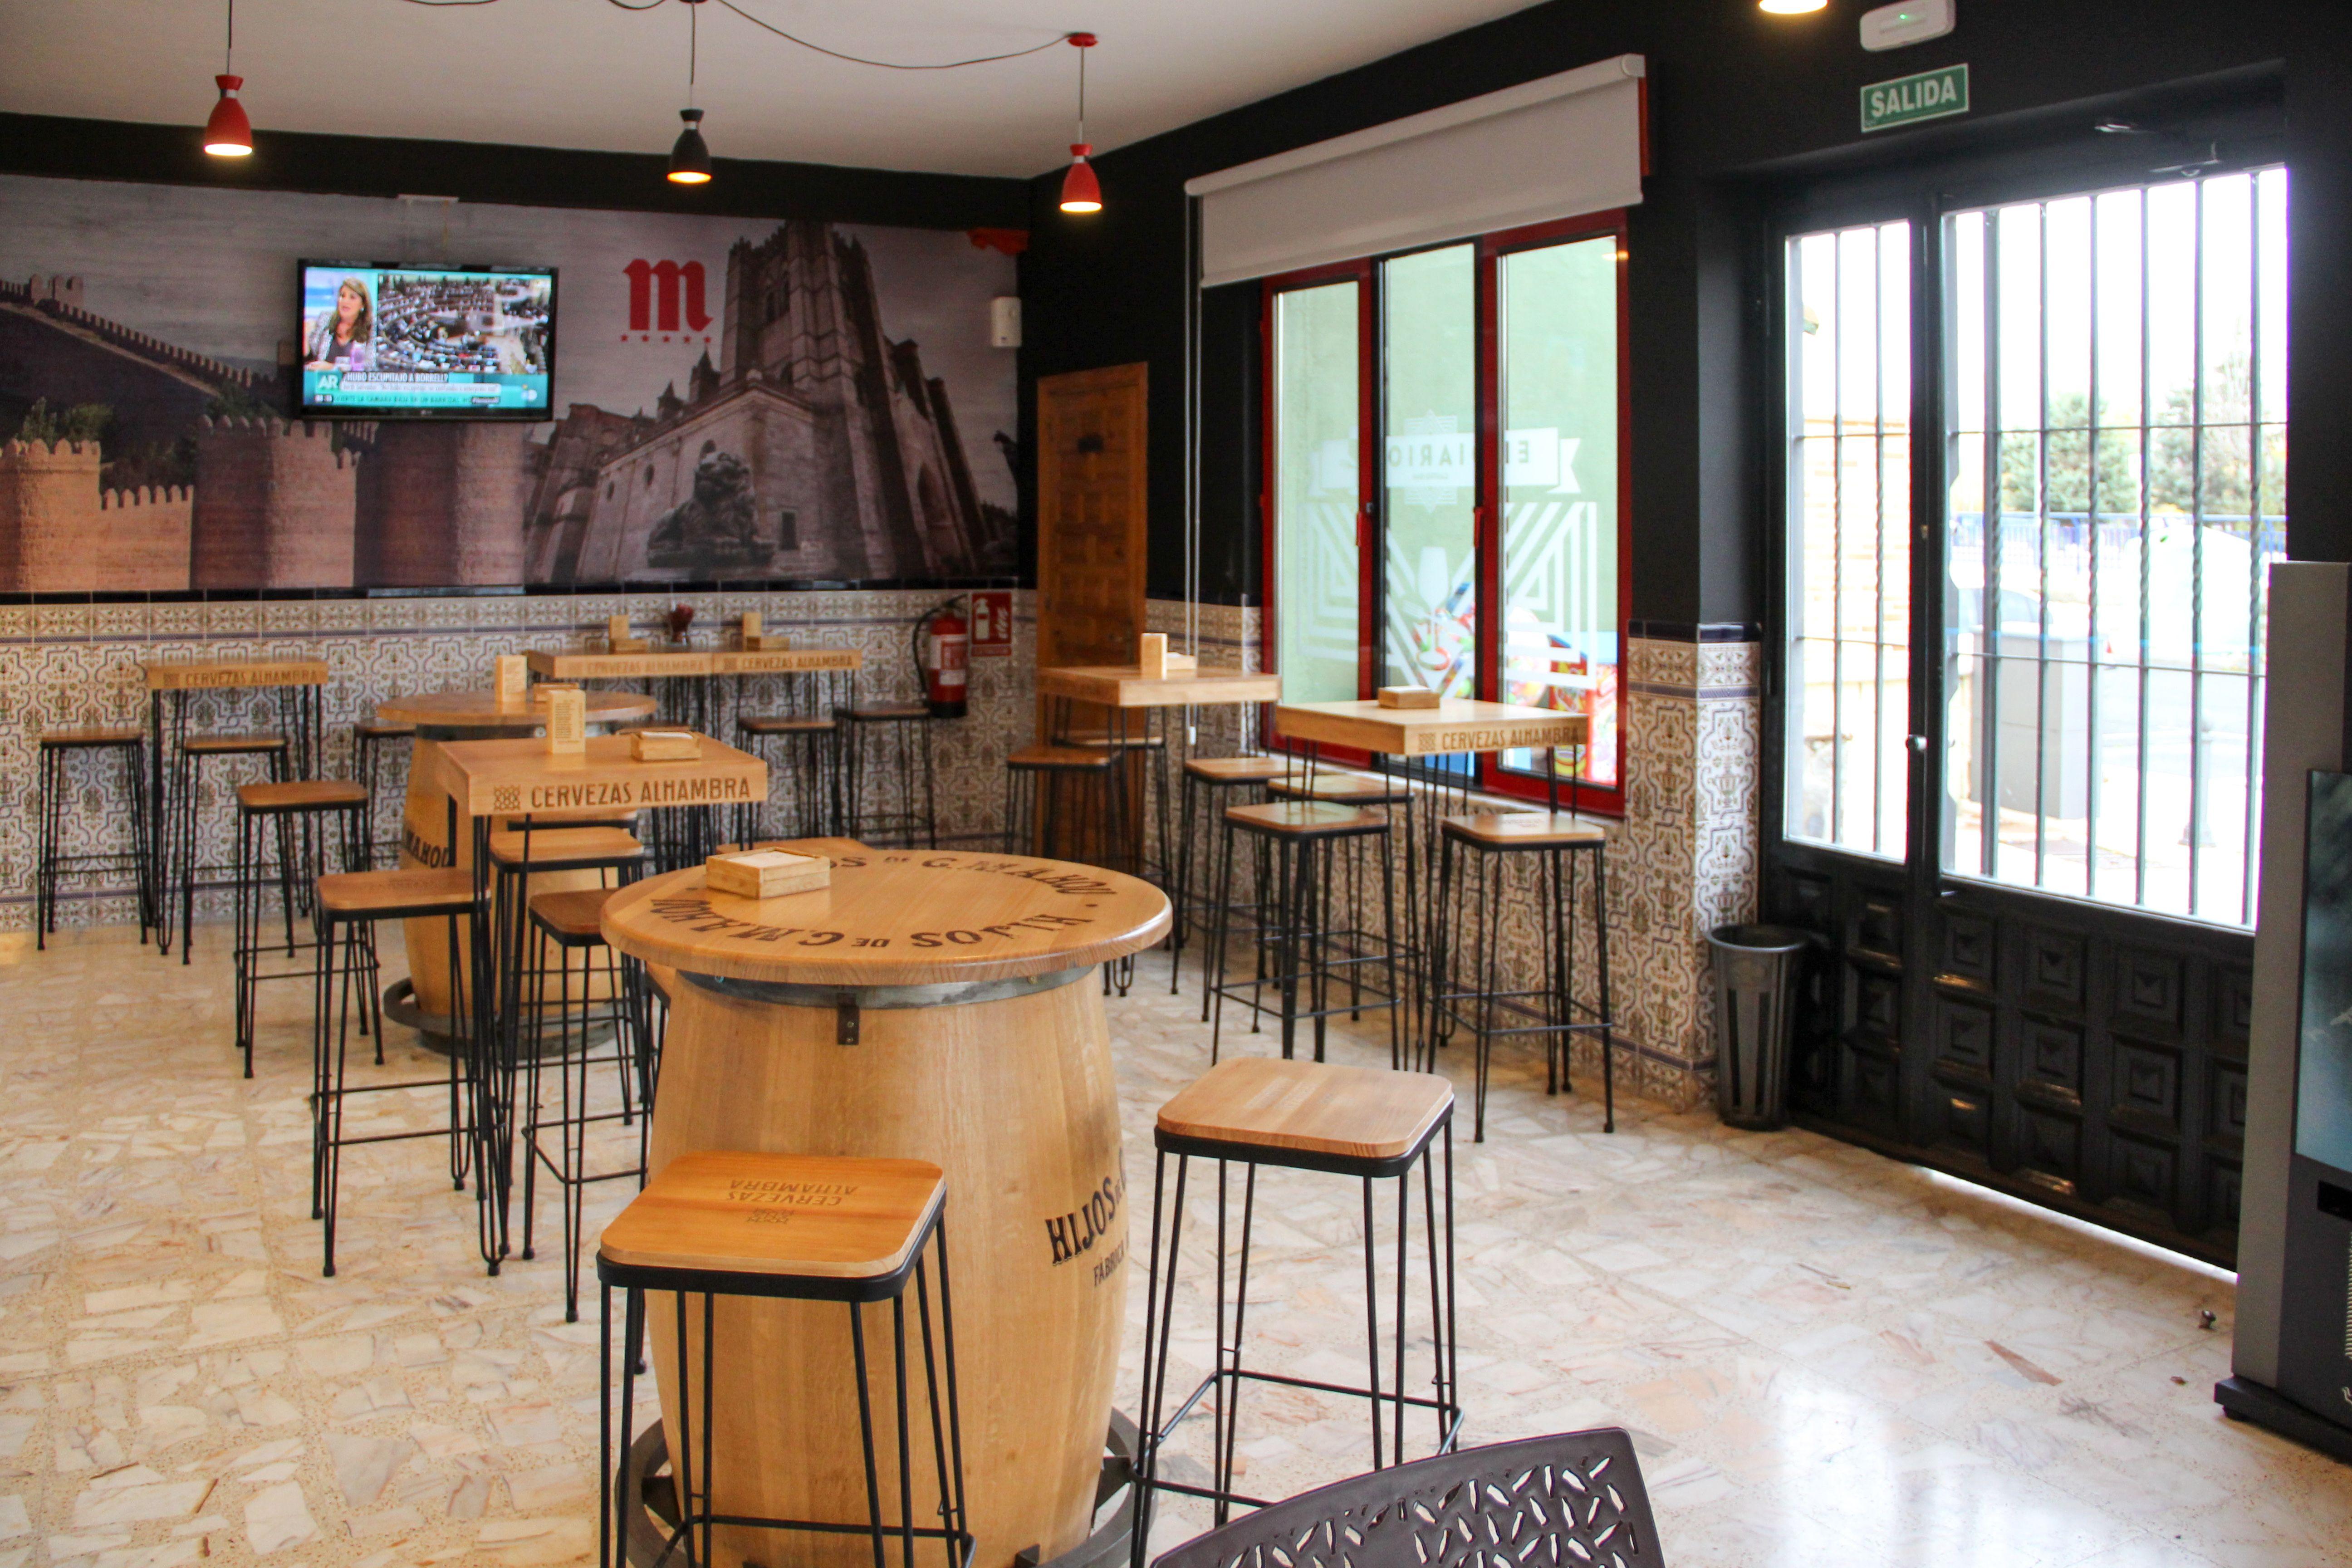 Foto 3 de Bar de tapas en  | Gastrobar El Diario